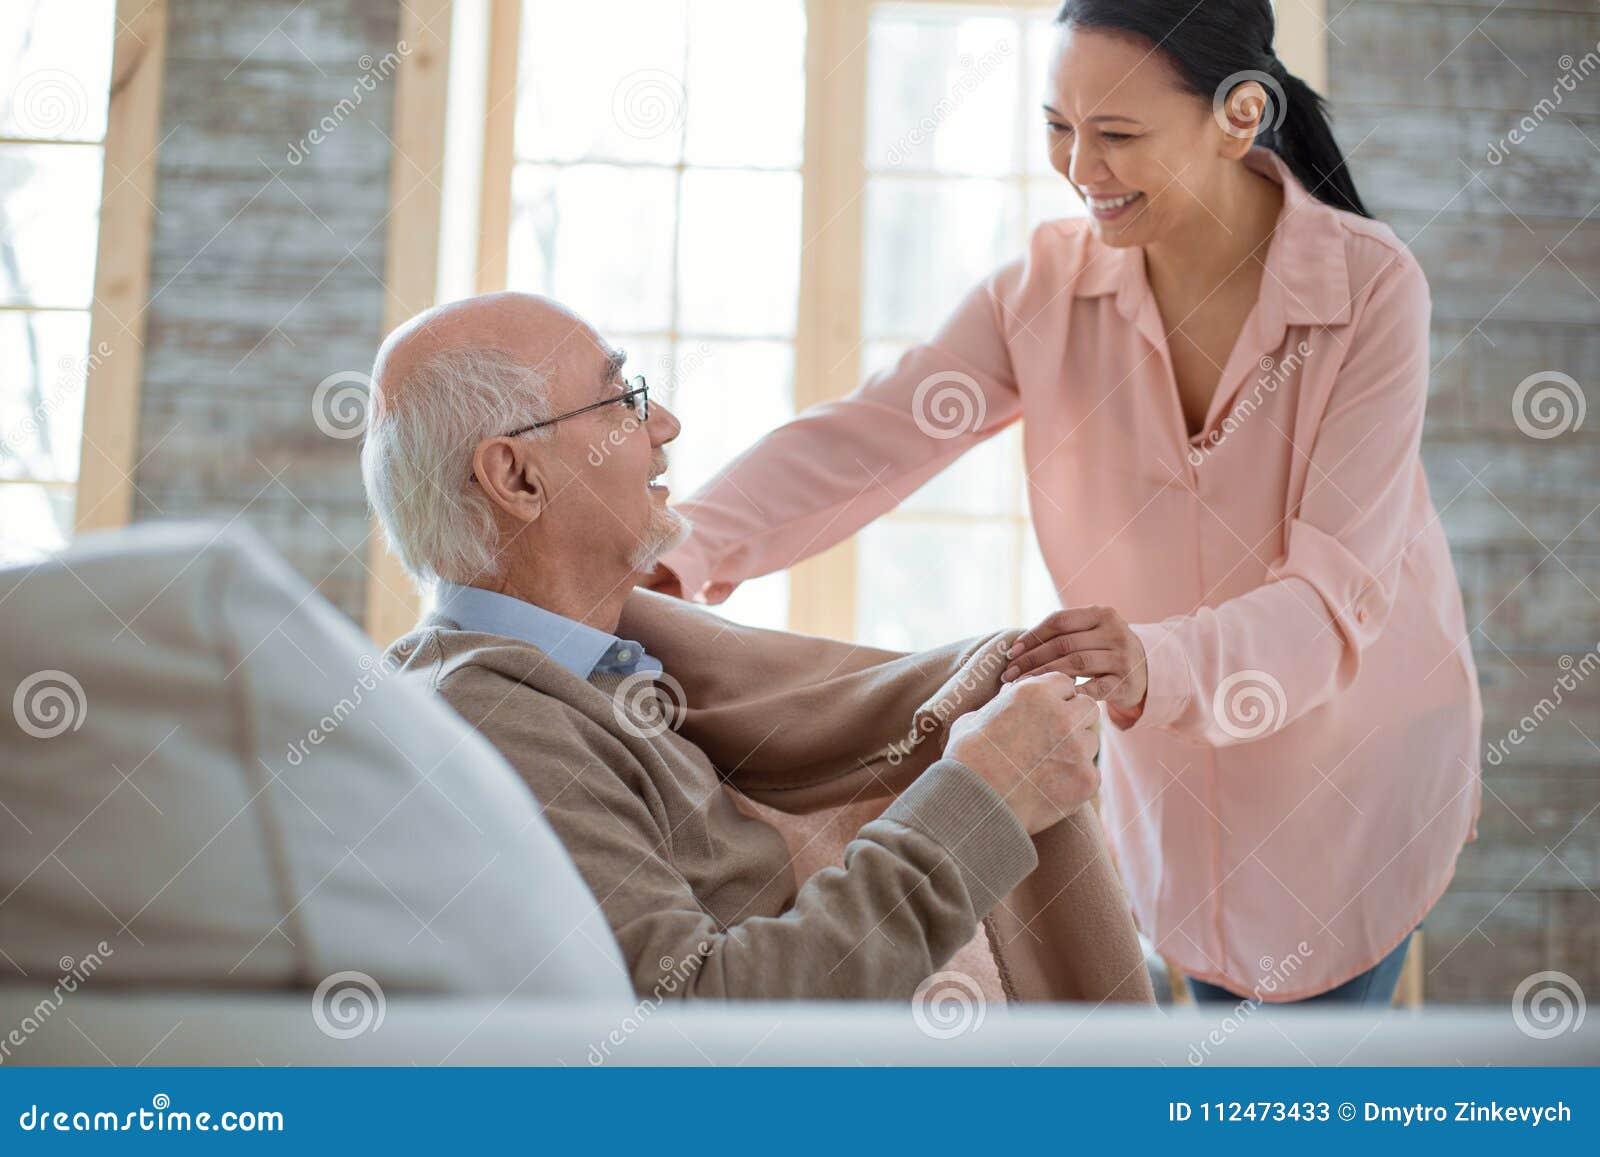 Glad senior man asking for help caregiver